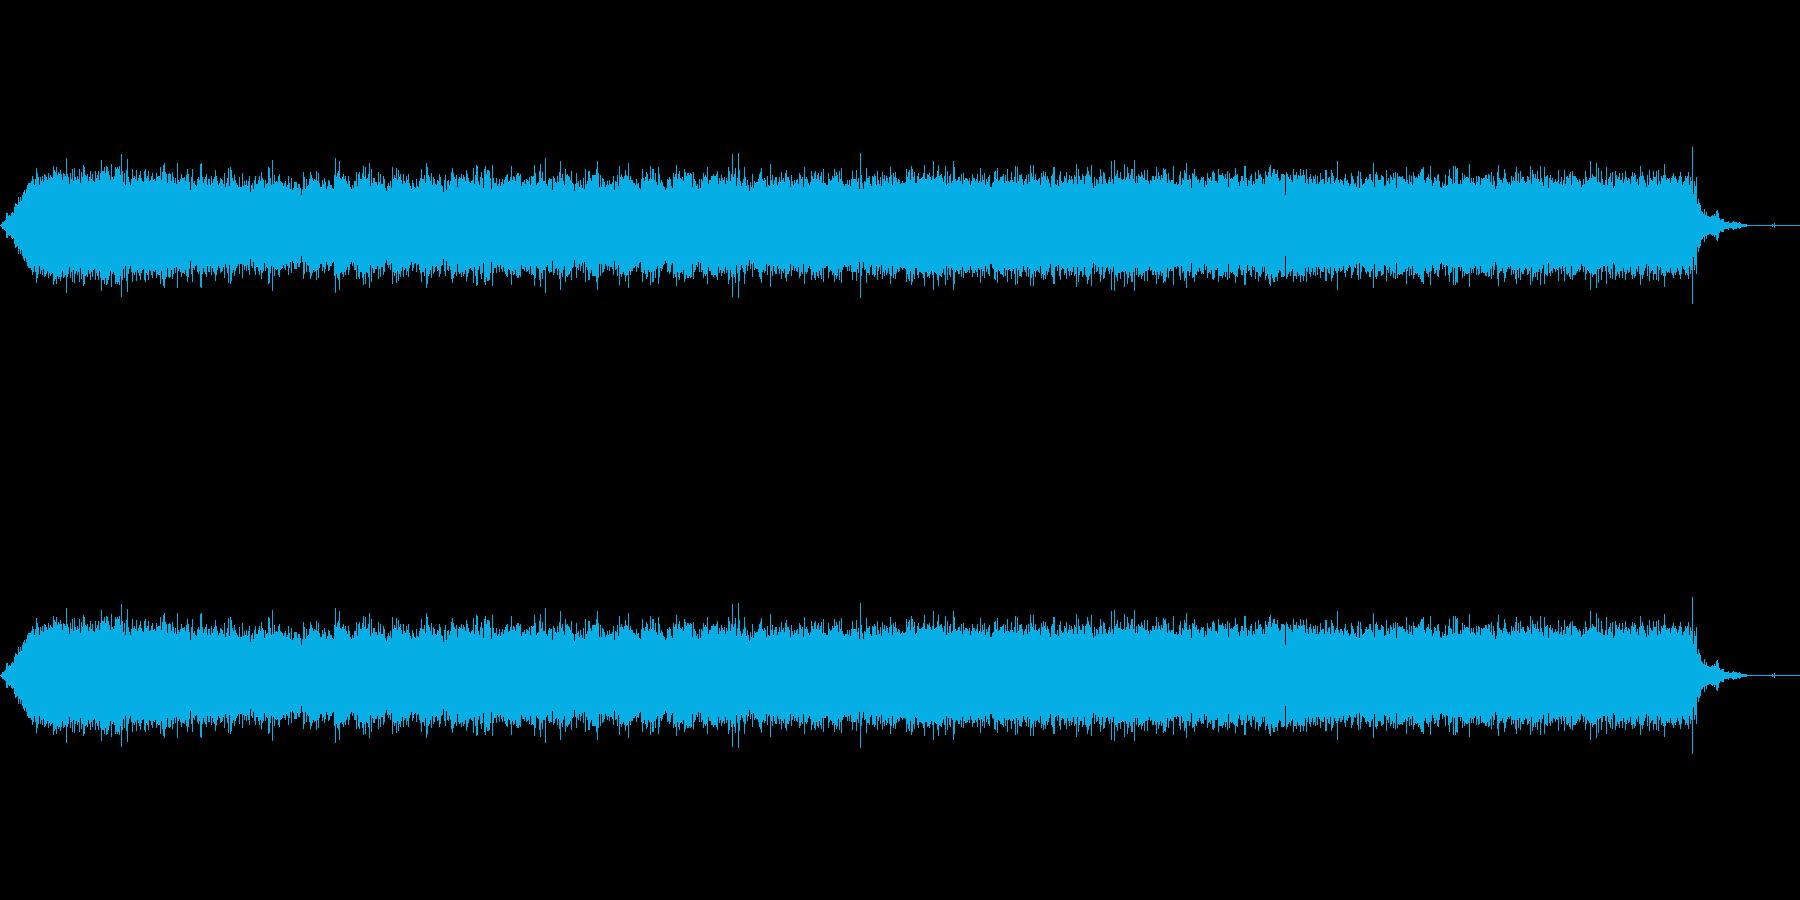 【生音】ガーーーーー!ヘアドライヤーの音の再生済みの波形